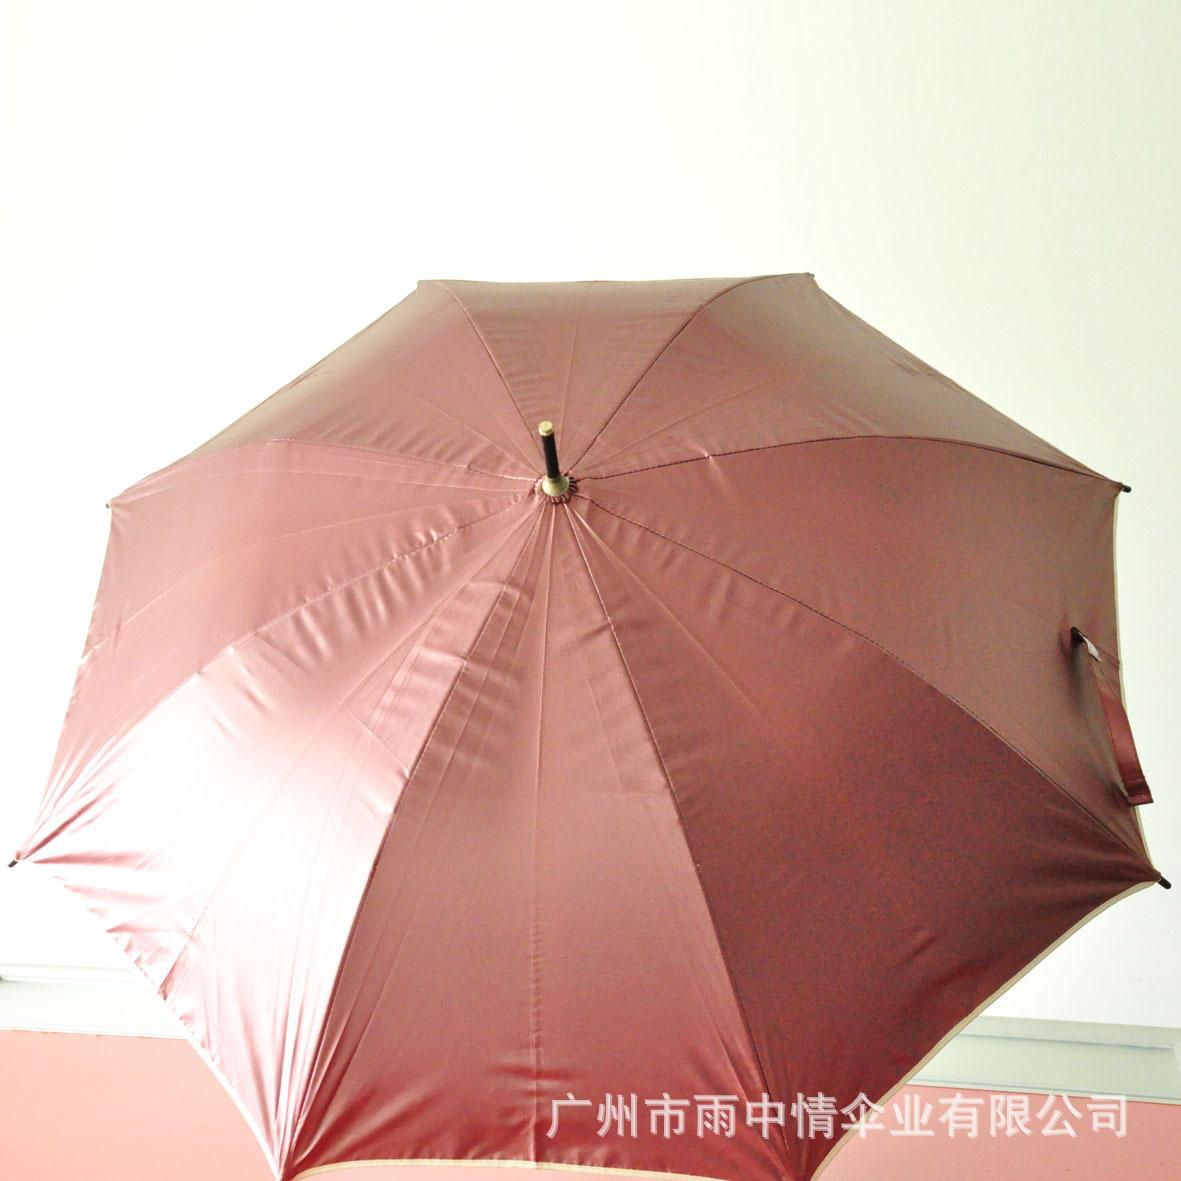 【直杆介词进口时尚英语雨伞初中色胶供应木创意常见厂家雨伞图片